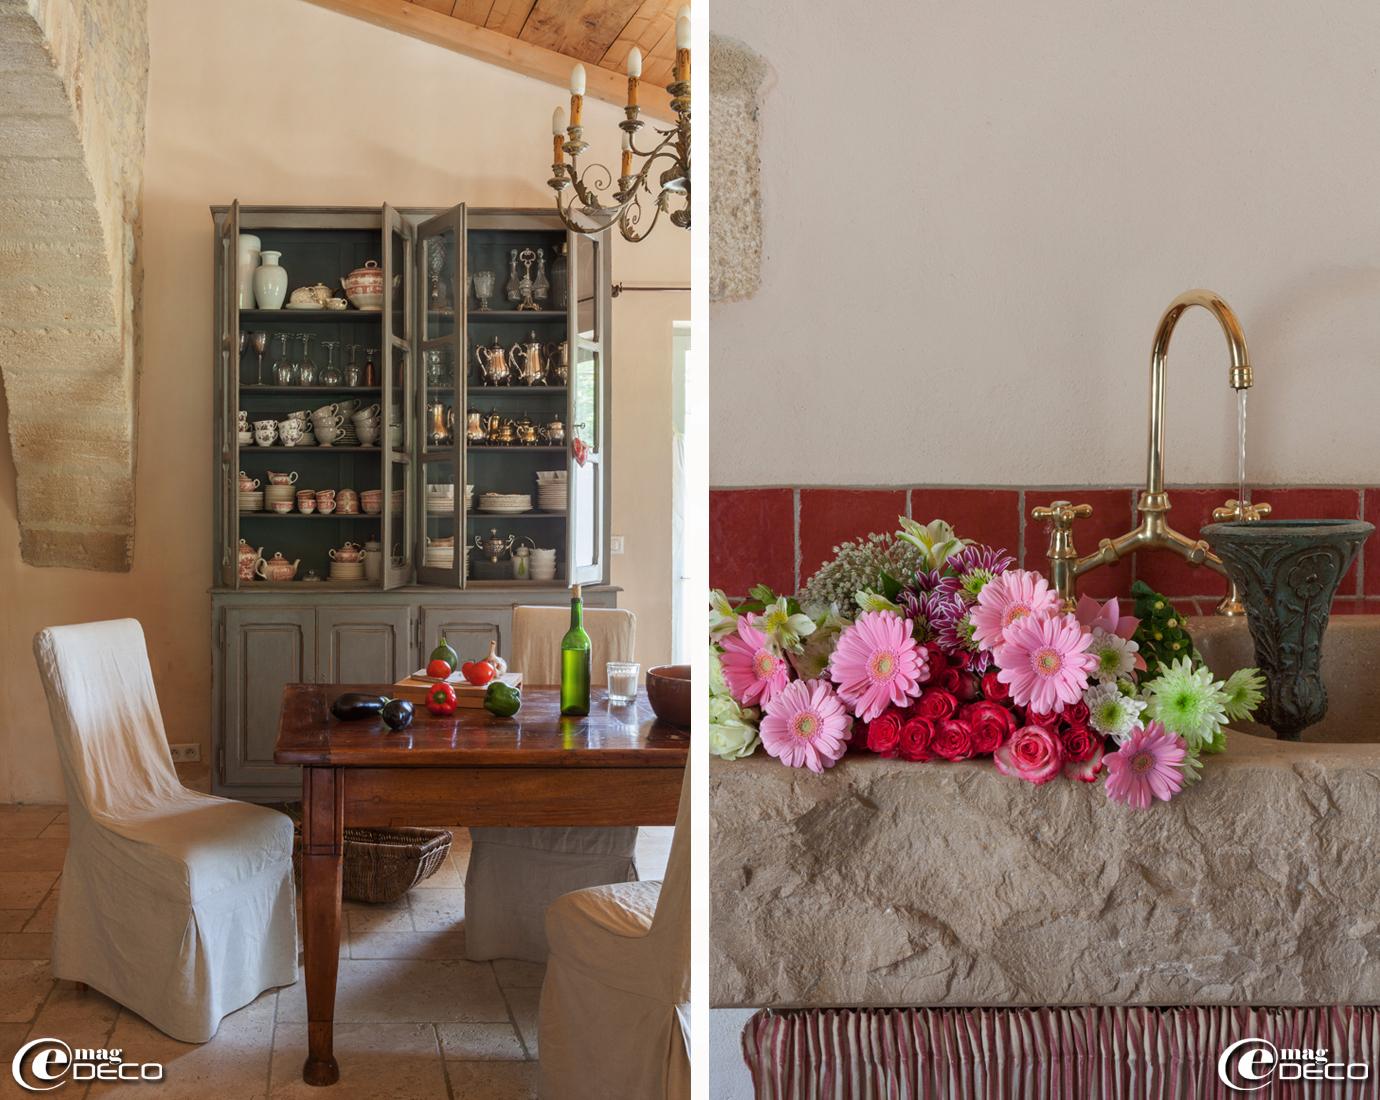 Vaisselier et pile en pierre dans une cuisine de style provençale